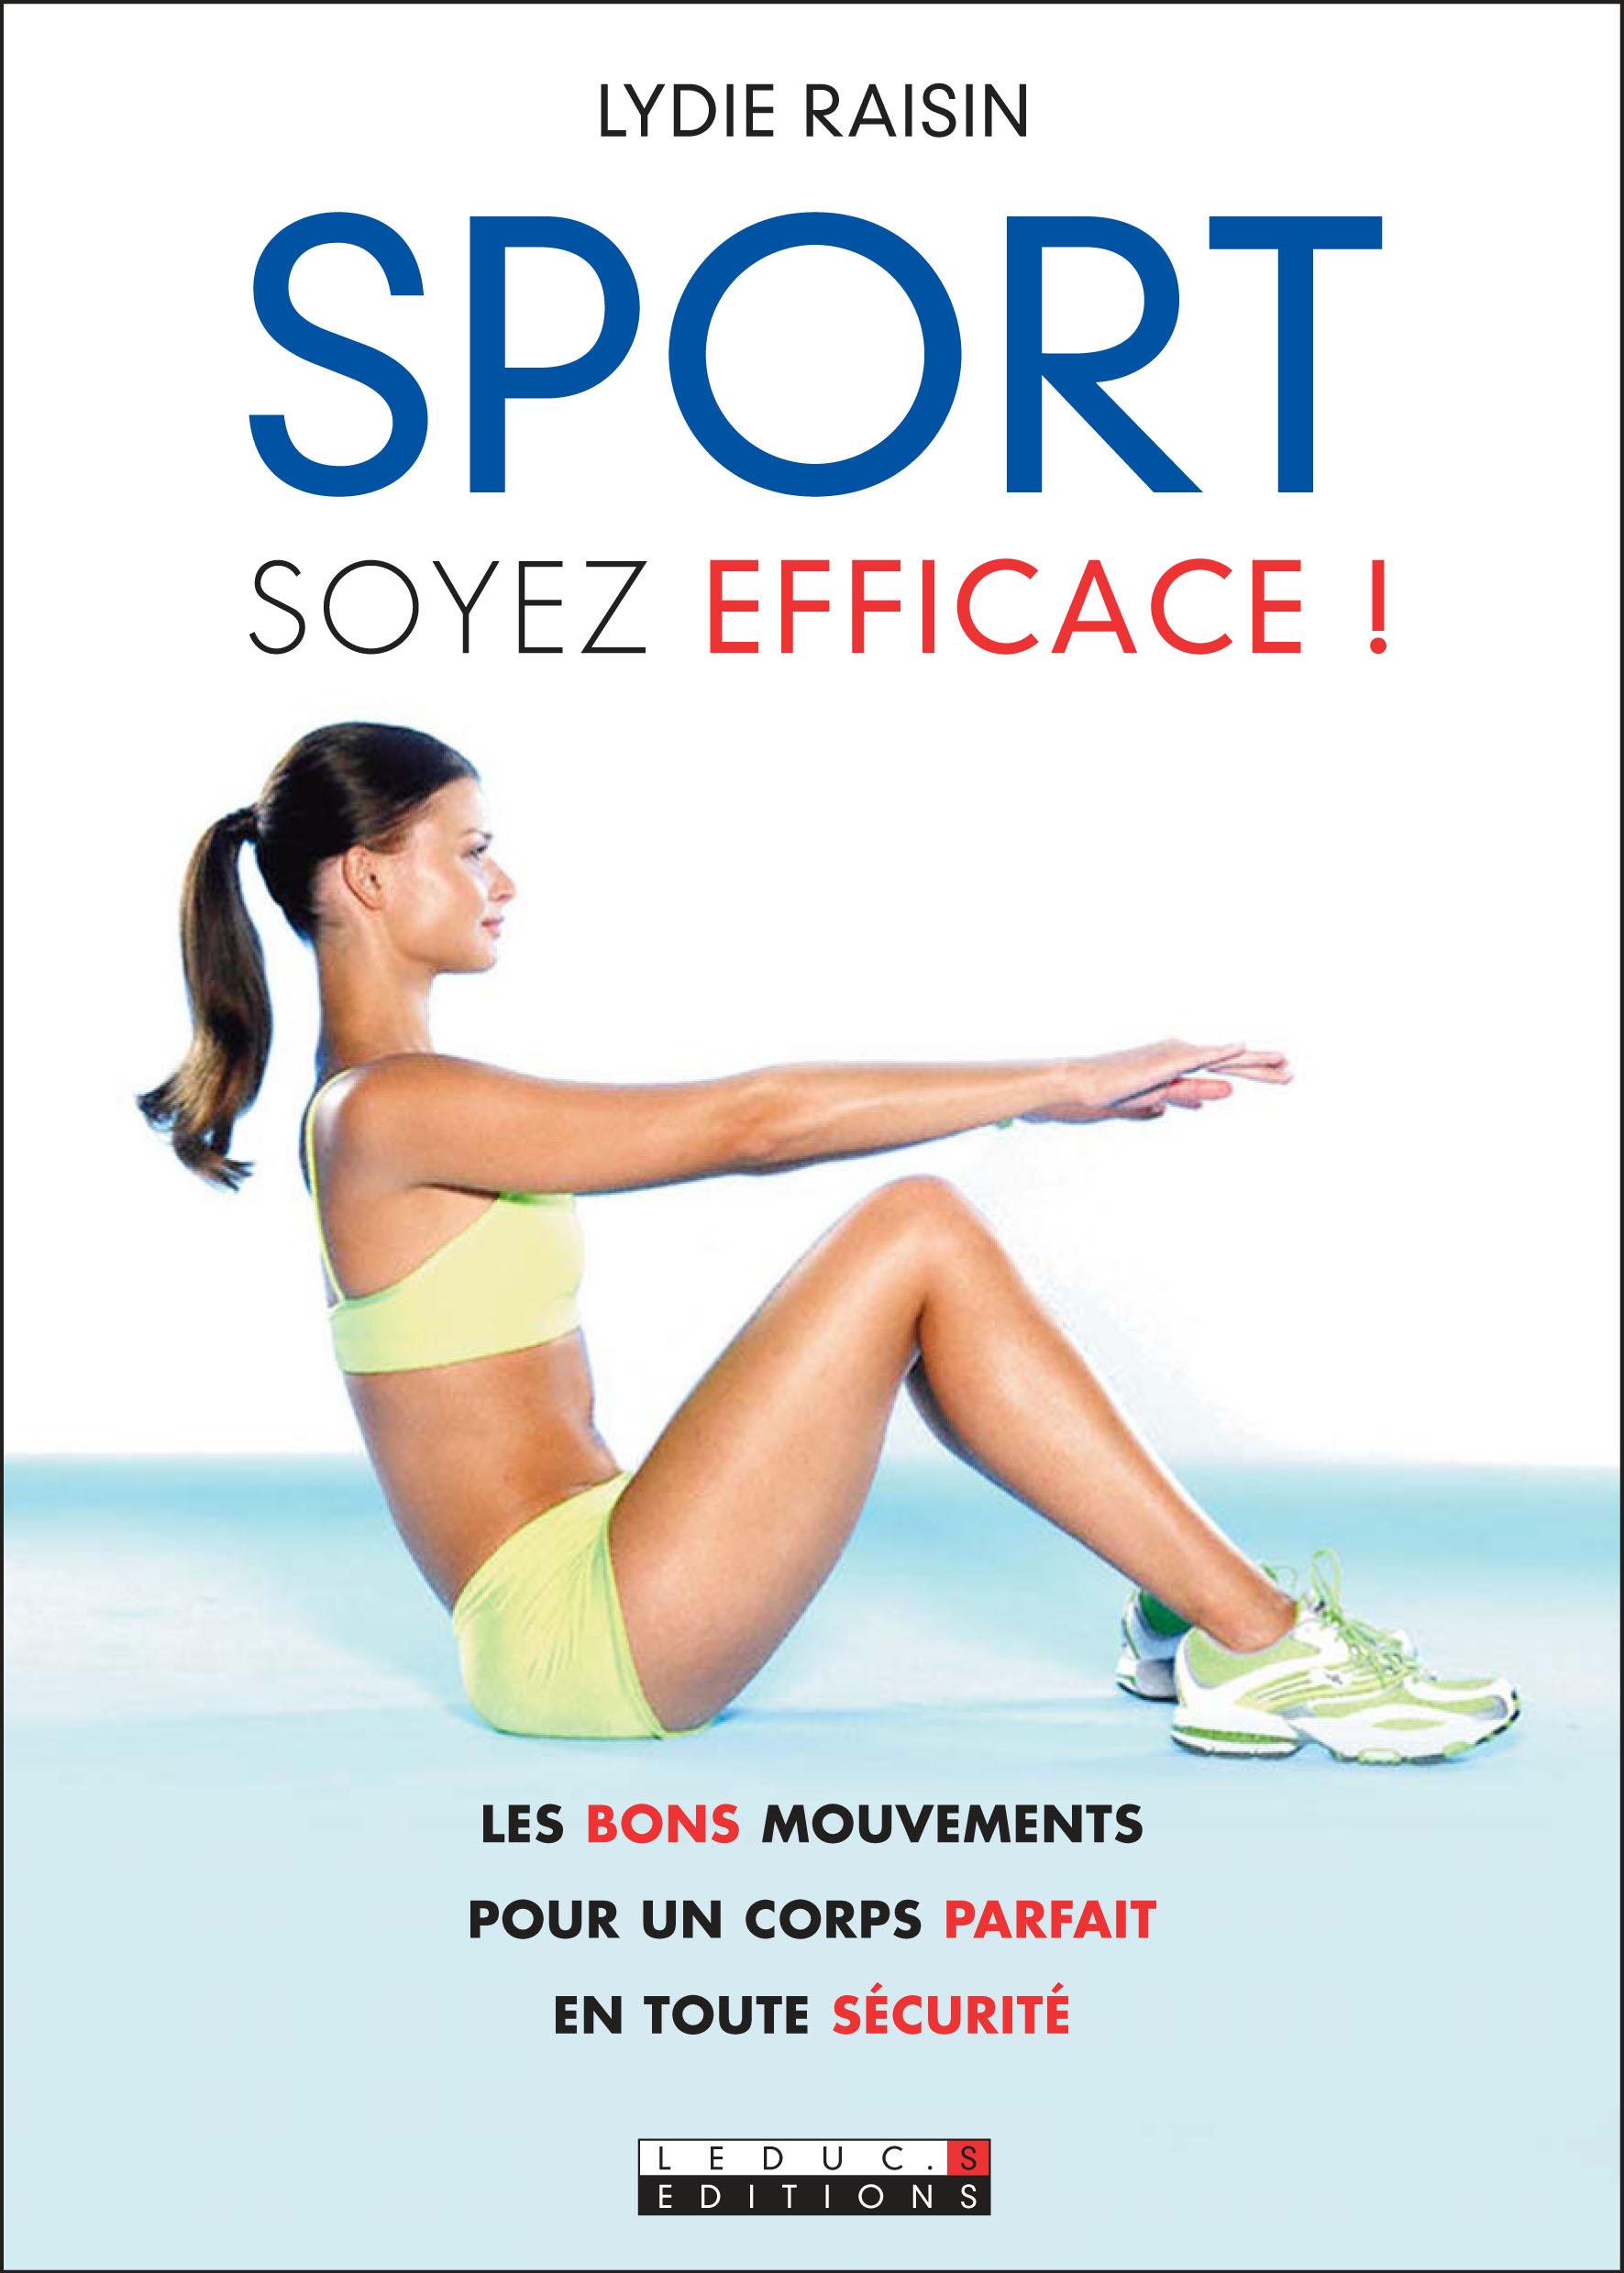 Sport soyez efficace